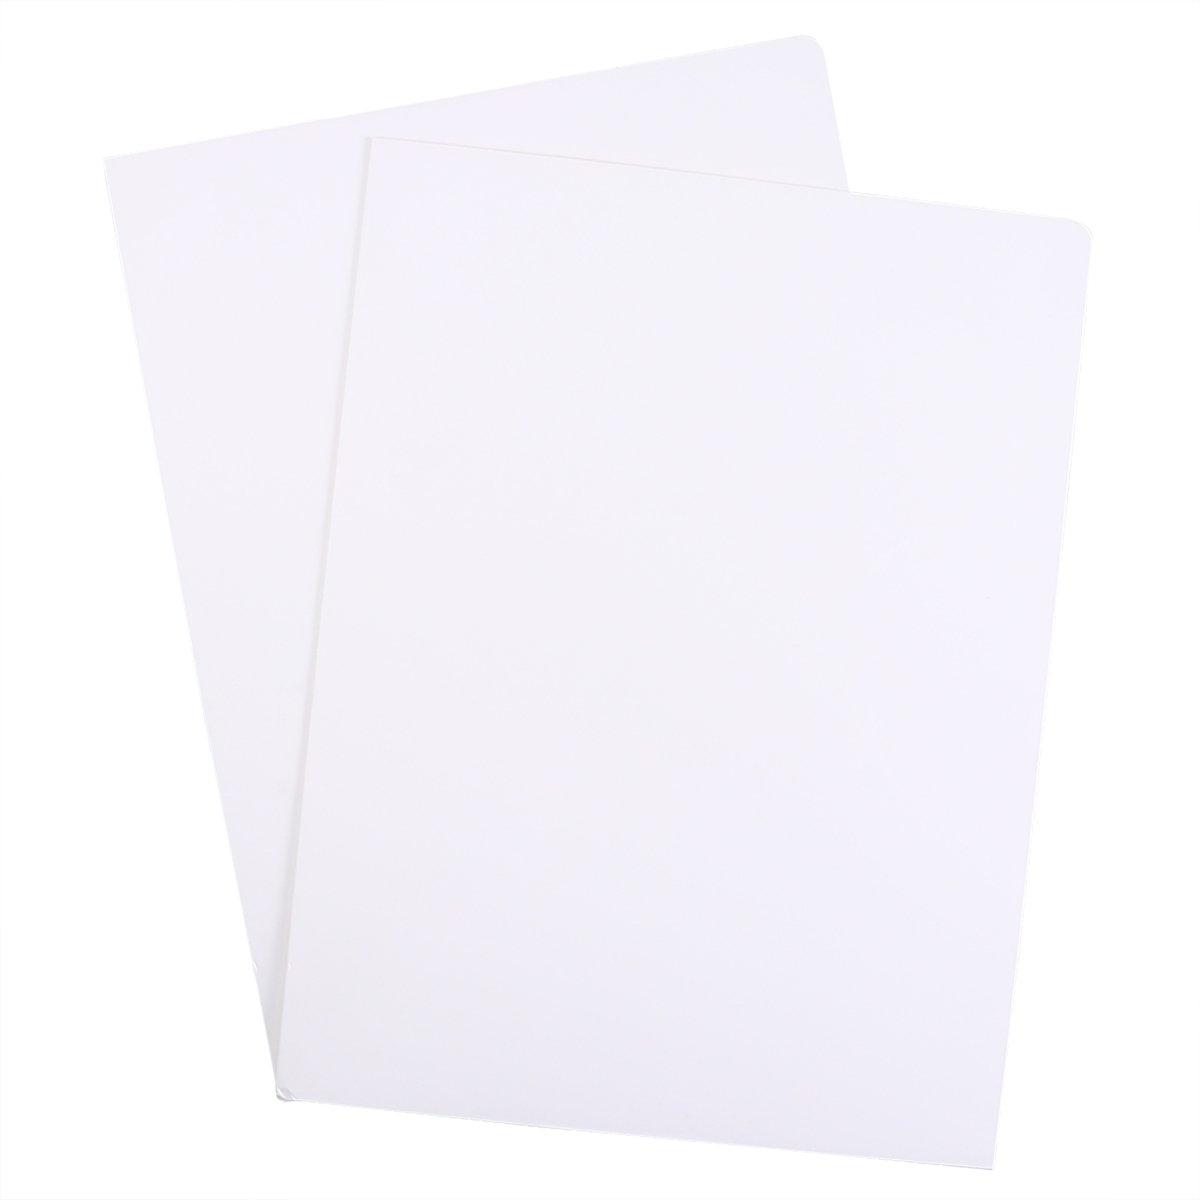 carta kraft con 2/tasche ufficio Project file cartella di presentazione A4 Nero Toymytoy 12PCS tasca cartella portadocumenti formato A4